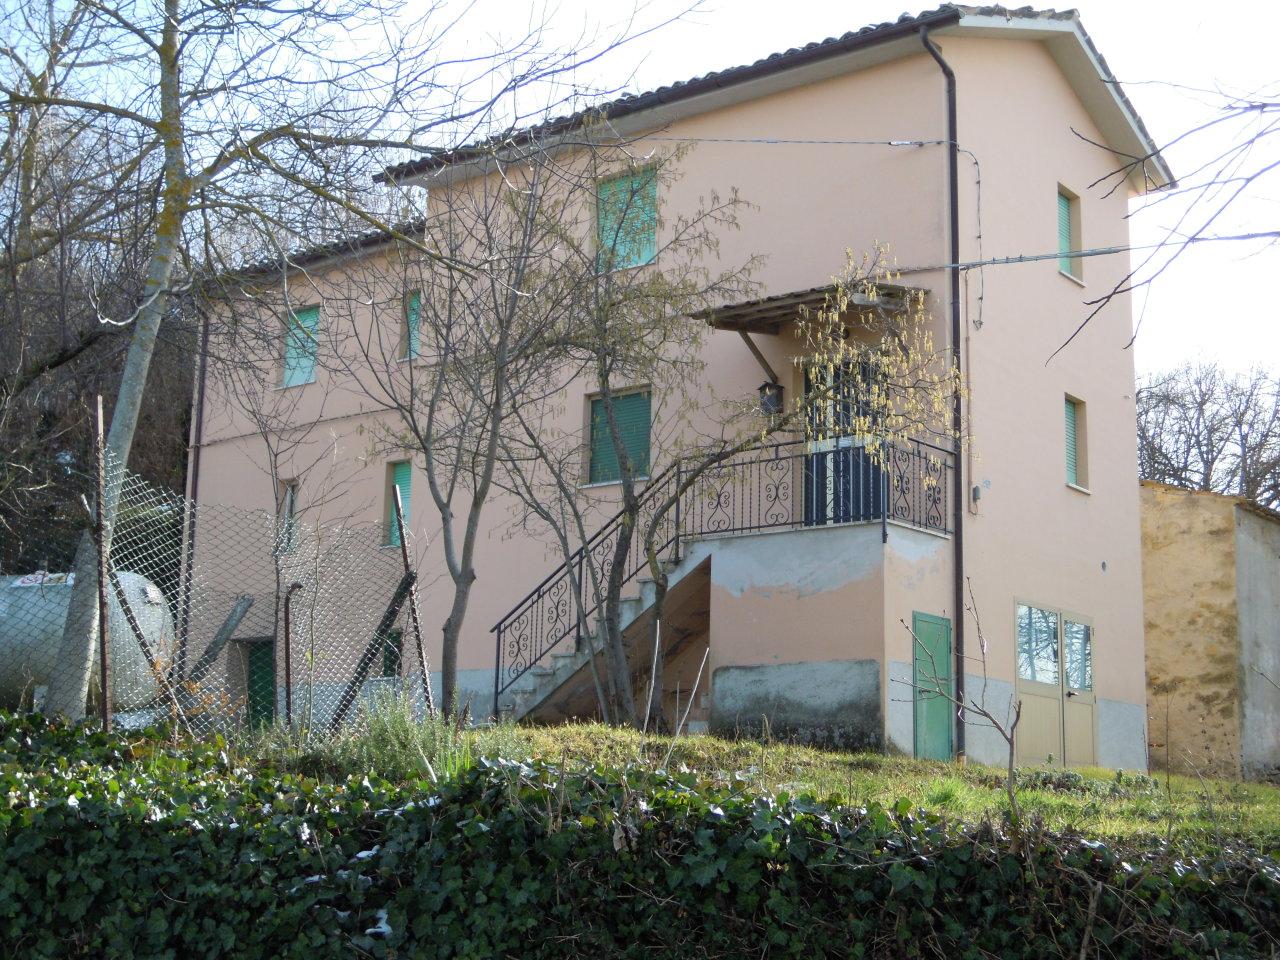 Rustico / Casale in vendita a Force, 9999 locali, zona Località: FrazioneQuinzano, prezzo € 130.000 | Cambio Casa.it